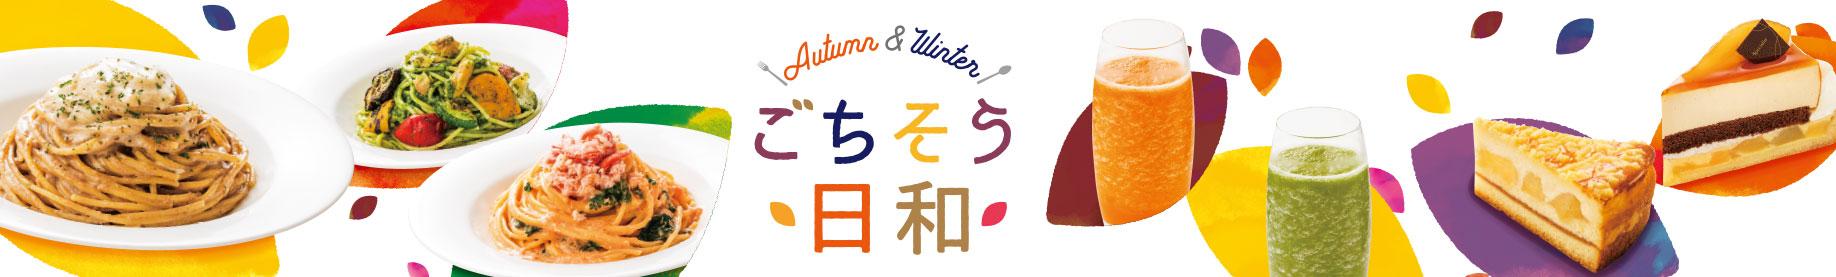 Autumn & Winter ごちそう日和